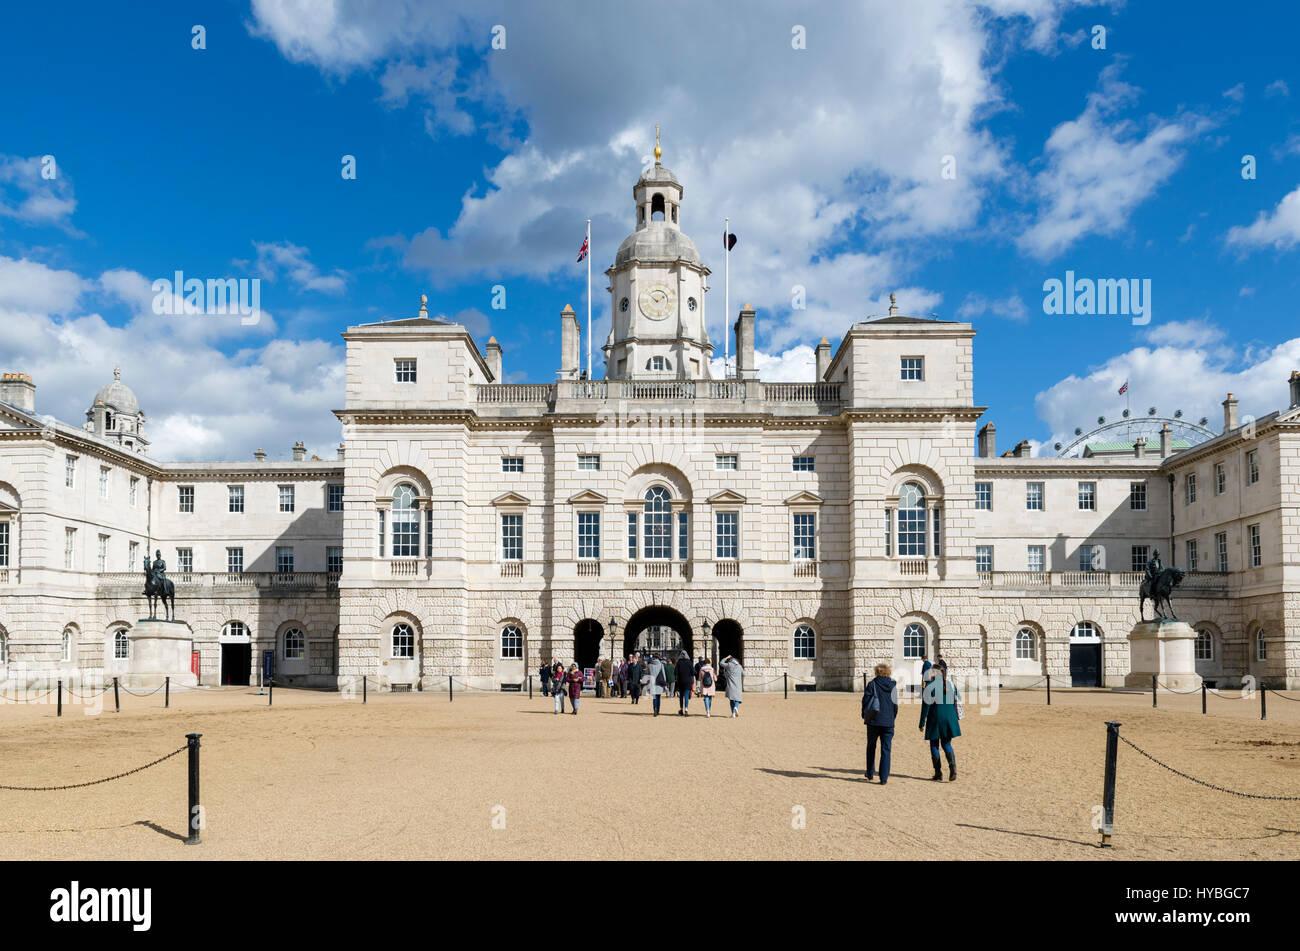 Horse Guards edificio dalla sfilata delle Guardie a Cavallo, Westminster, London, England, Regno Unito Immagini Stock